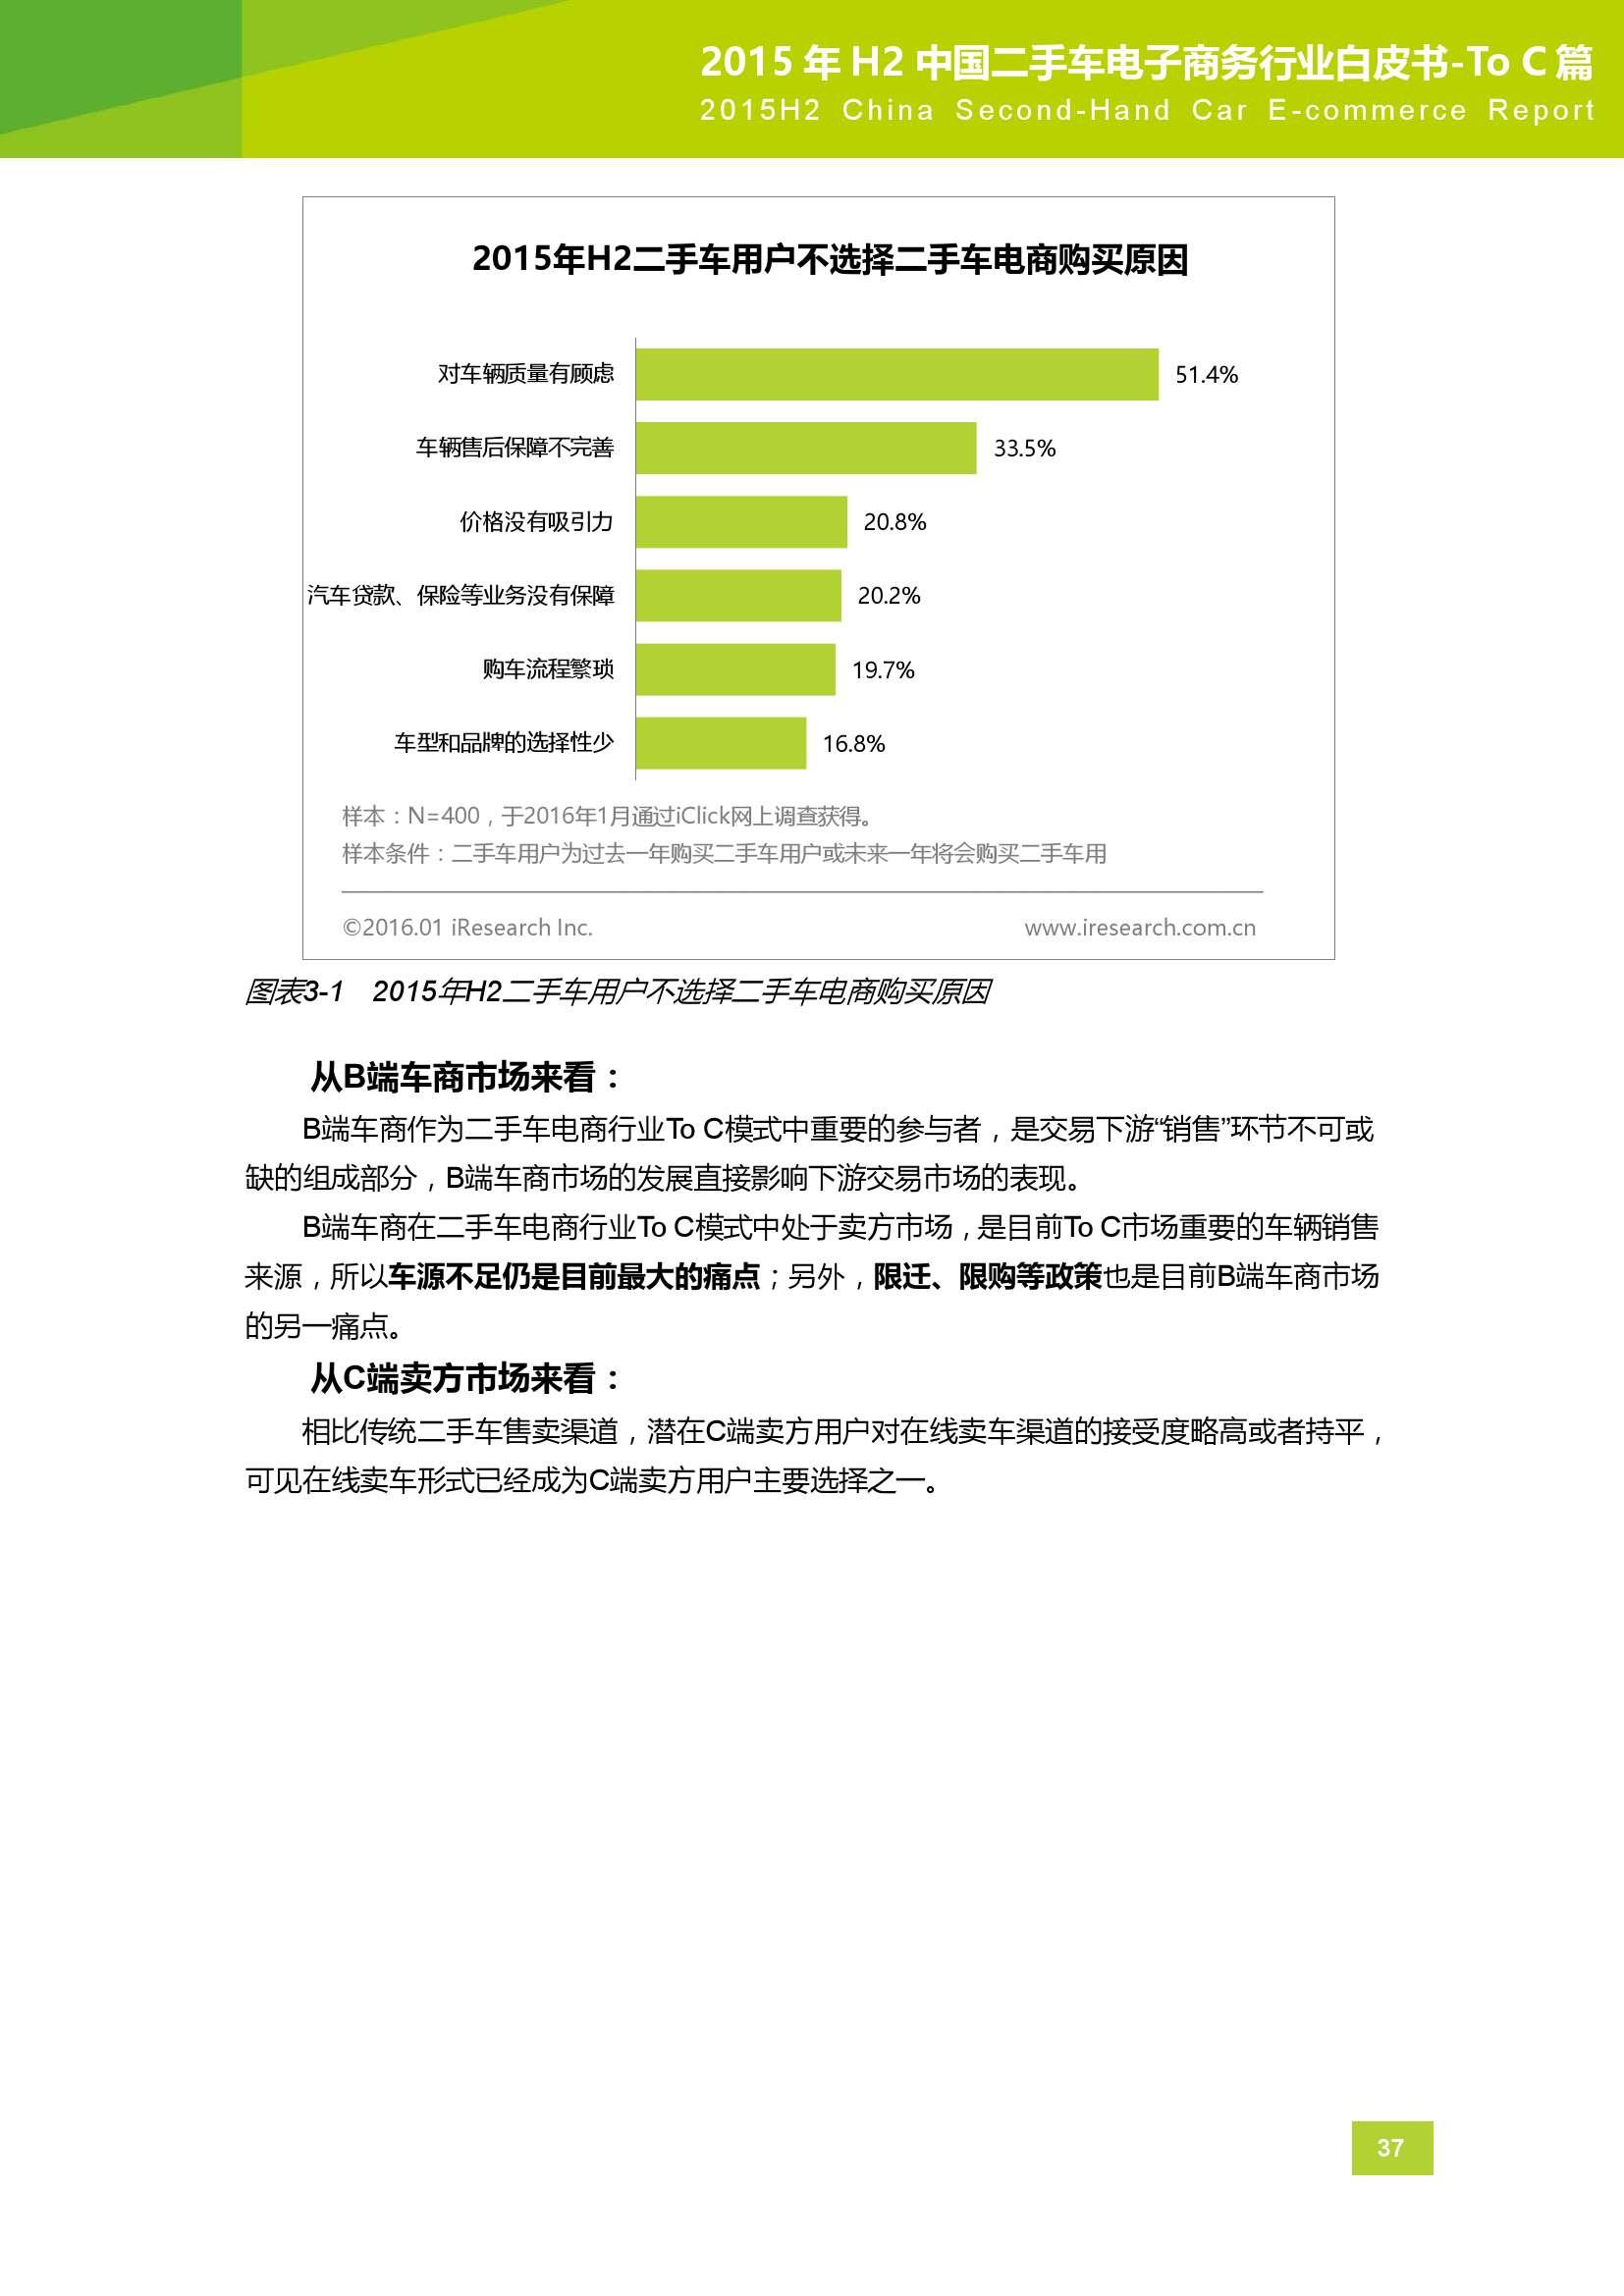 2015年H2中国二手车电子商务行业白皮书_000037